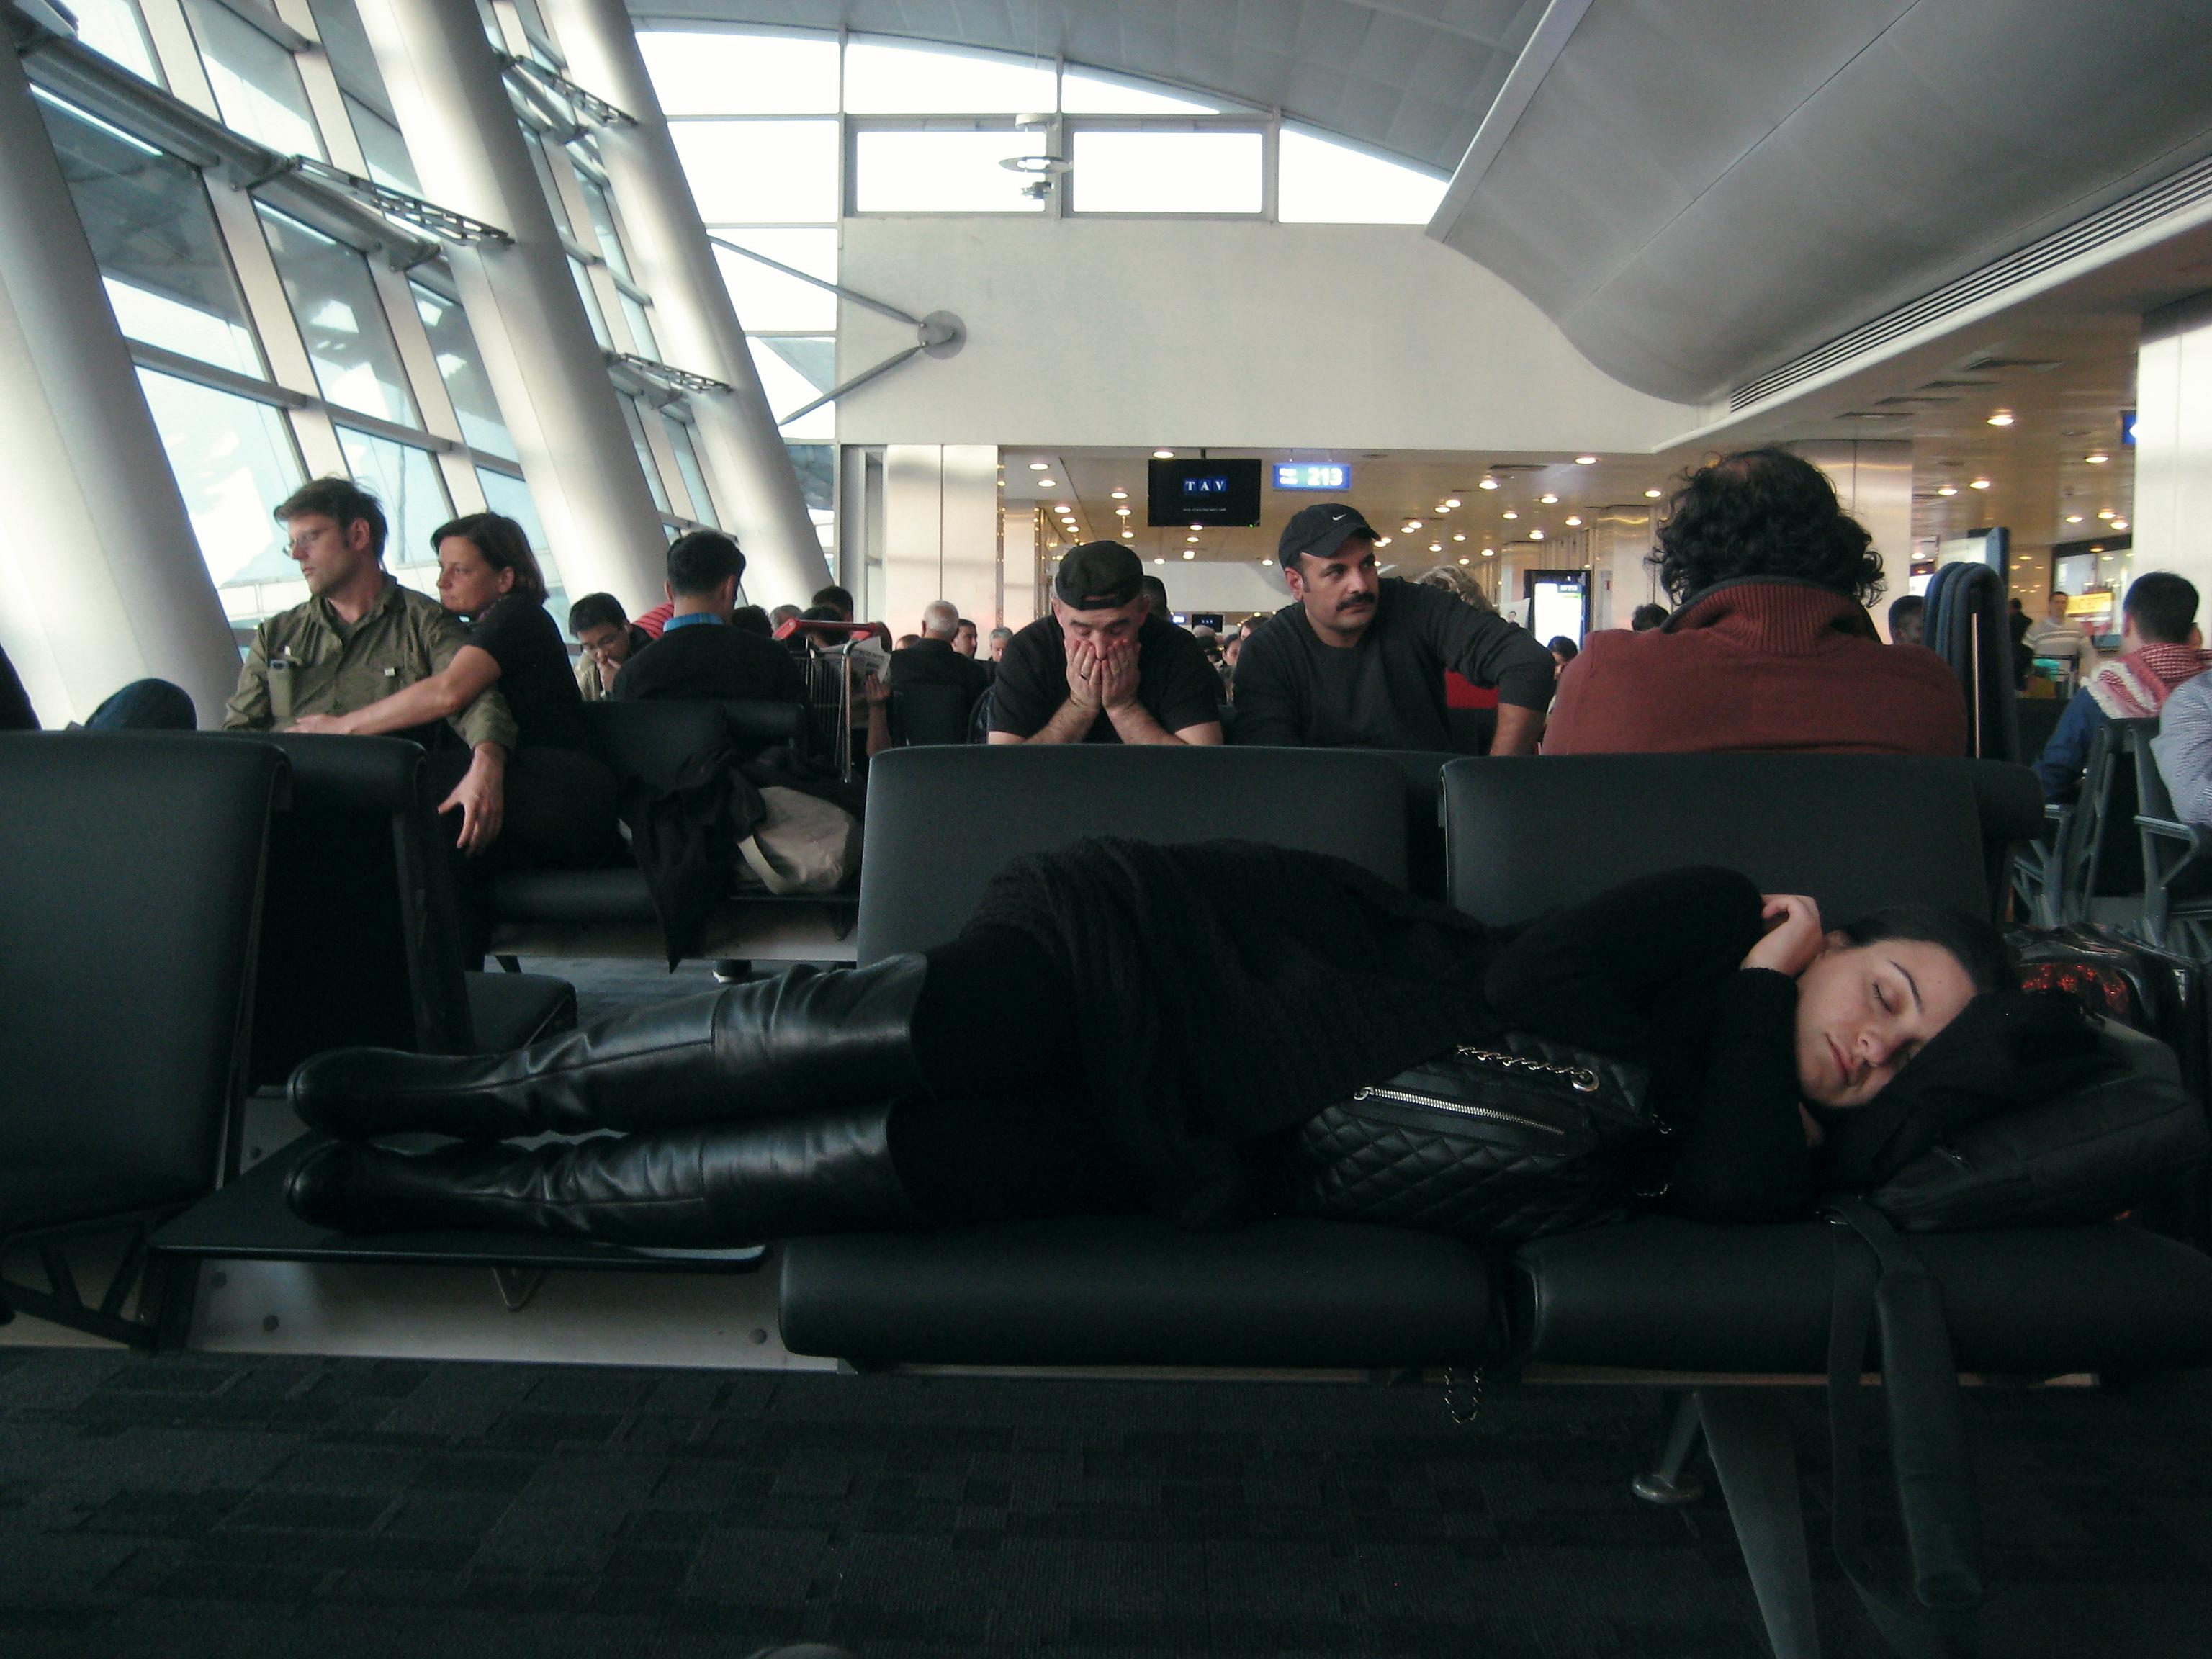 ベルリン行きの飛行機をまって。11月28日午前7時。